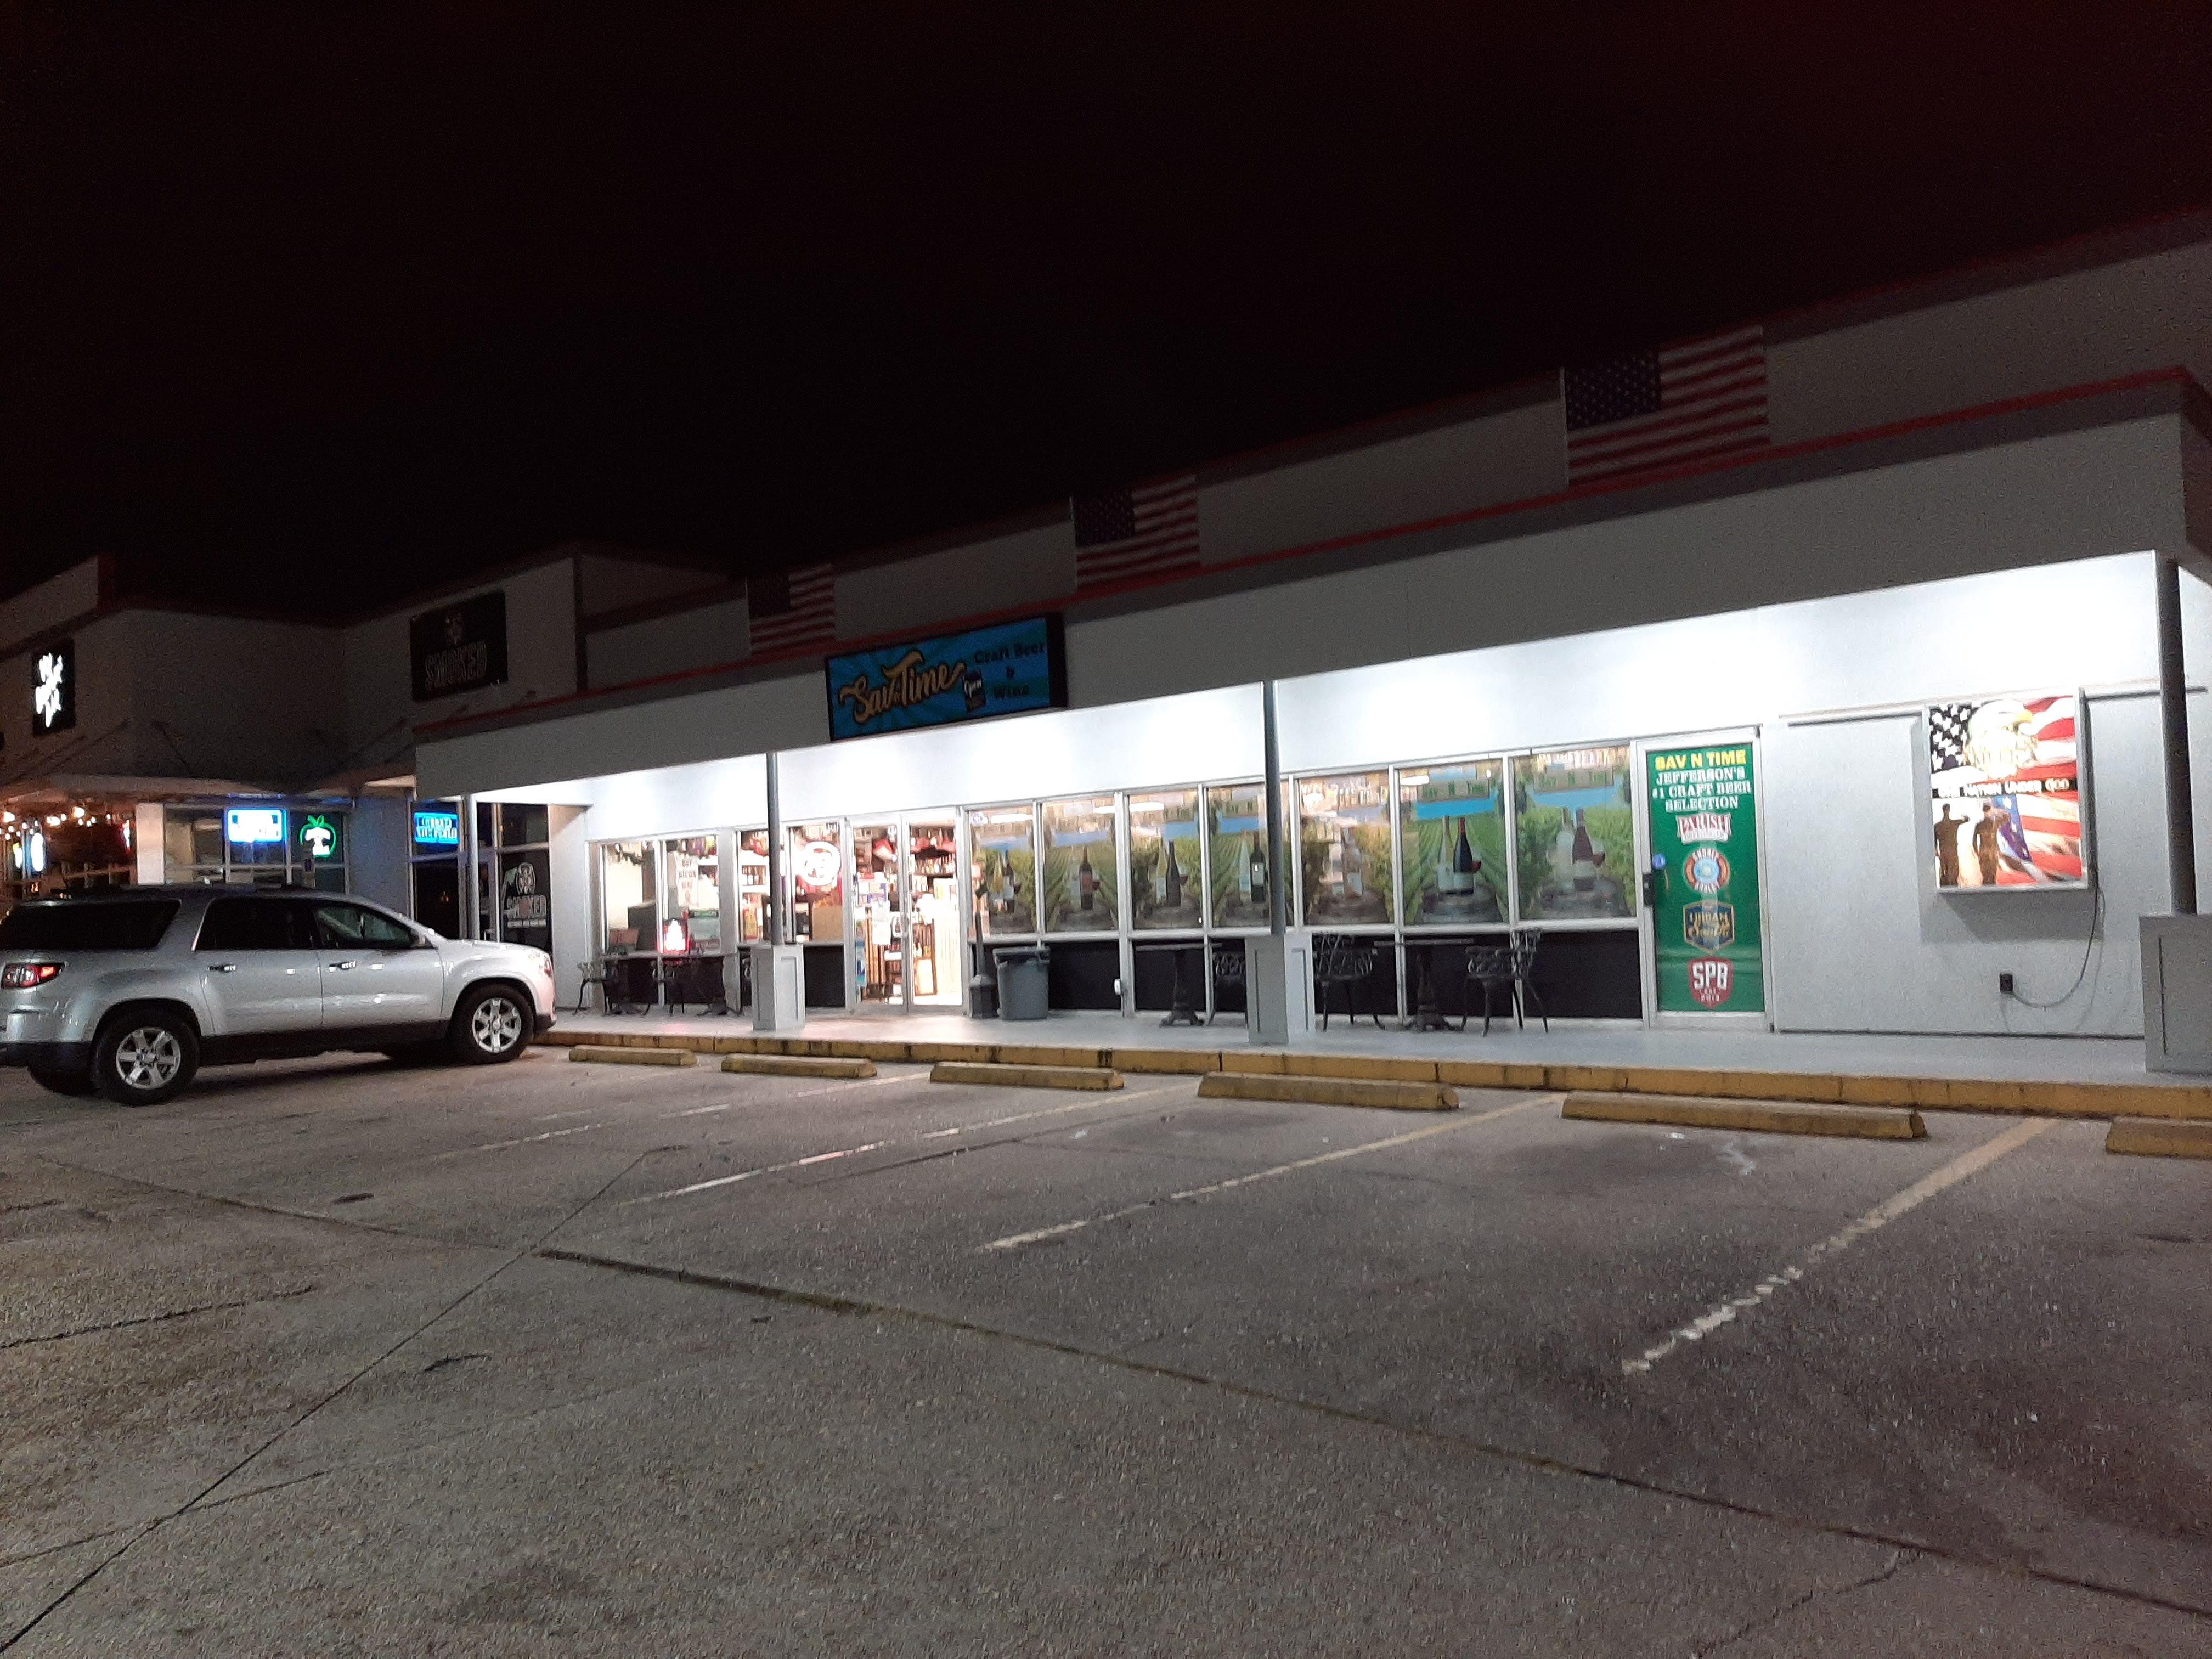 Sav N Time Gas Station